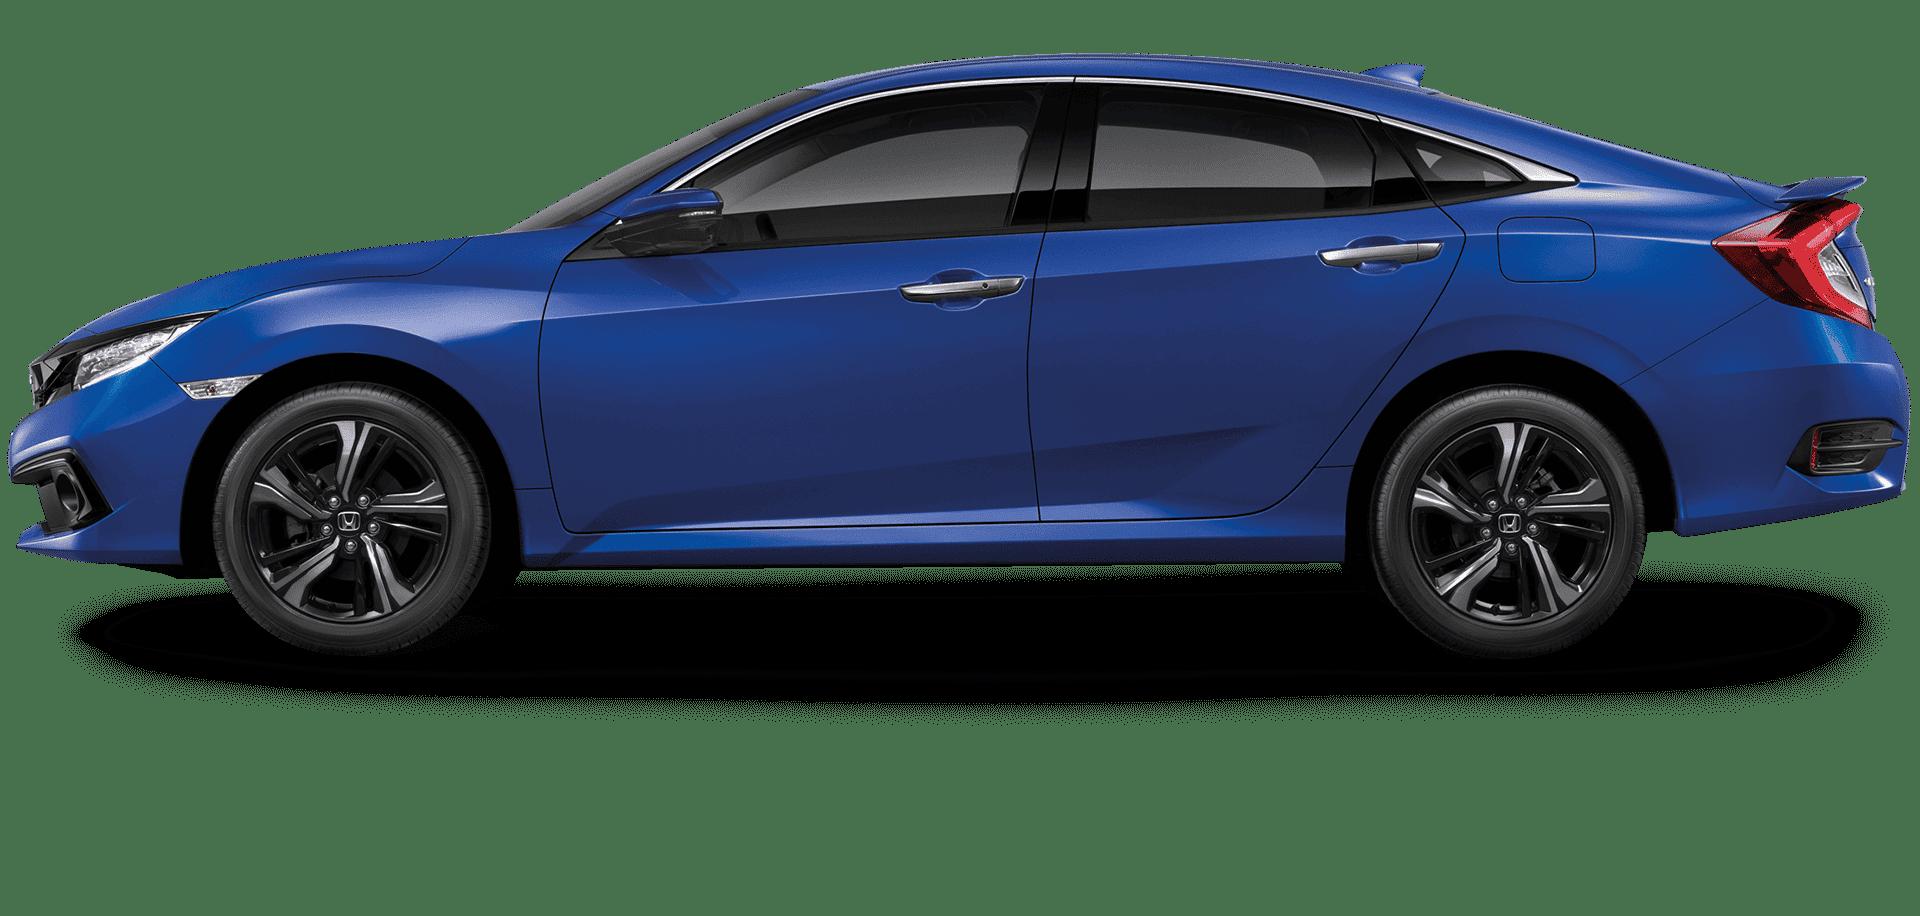 น้ำเงินบริลเลียนท์ สปอร์ตตี้ (เมทัลลิก) - Brilliant Sporty Blue Metallic (B-593M)